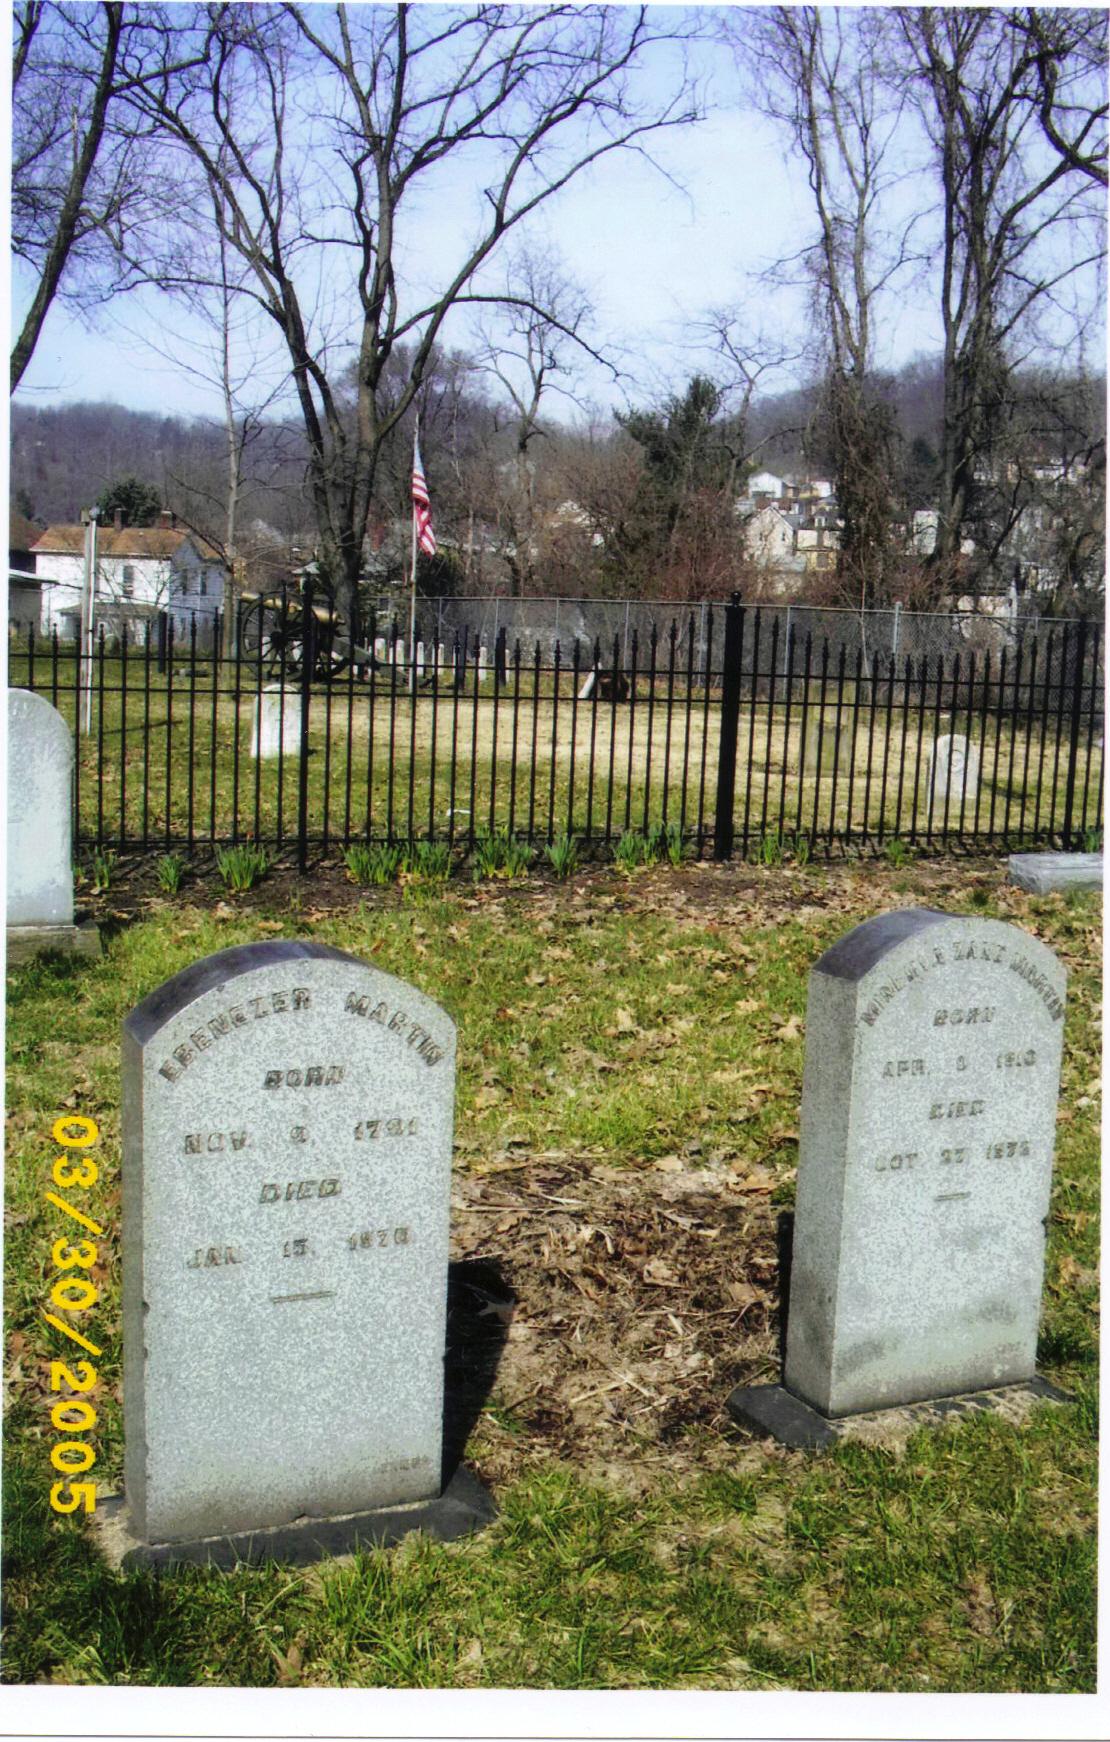 Ebenezer's monument